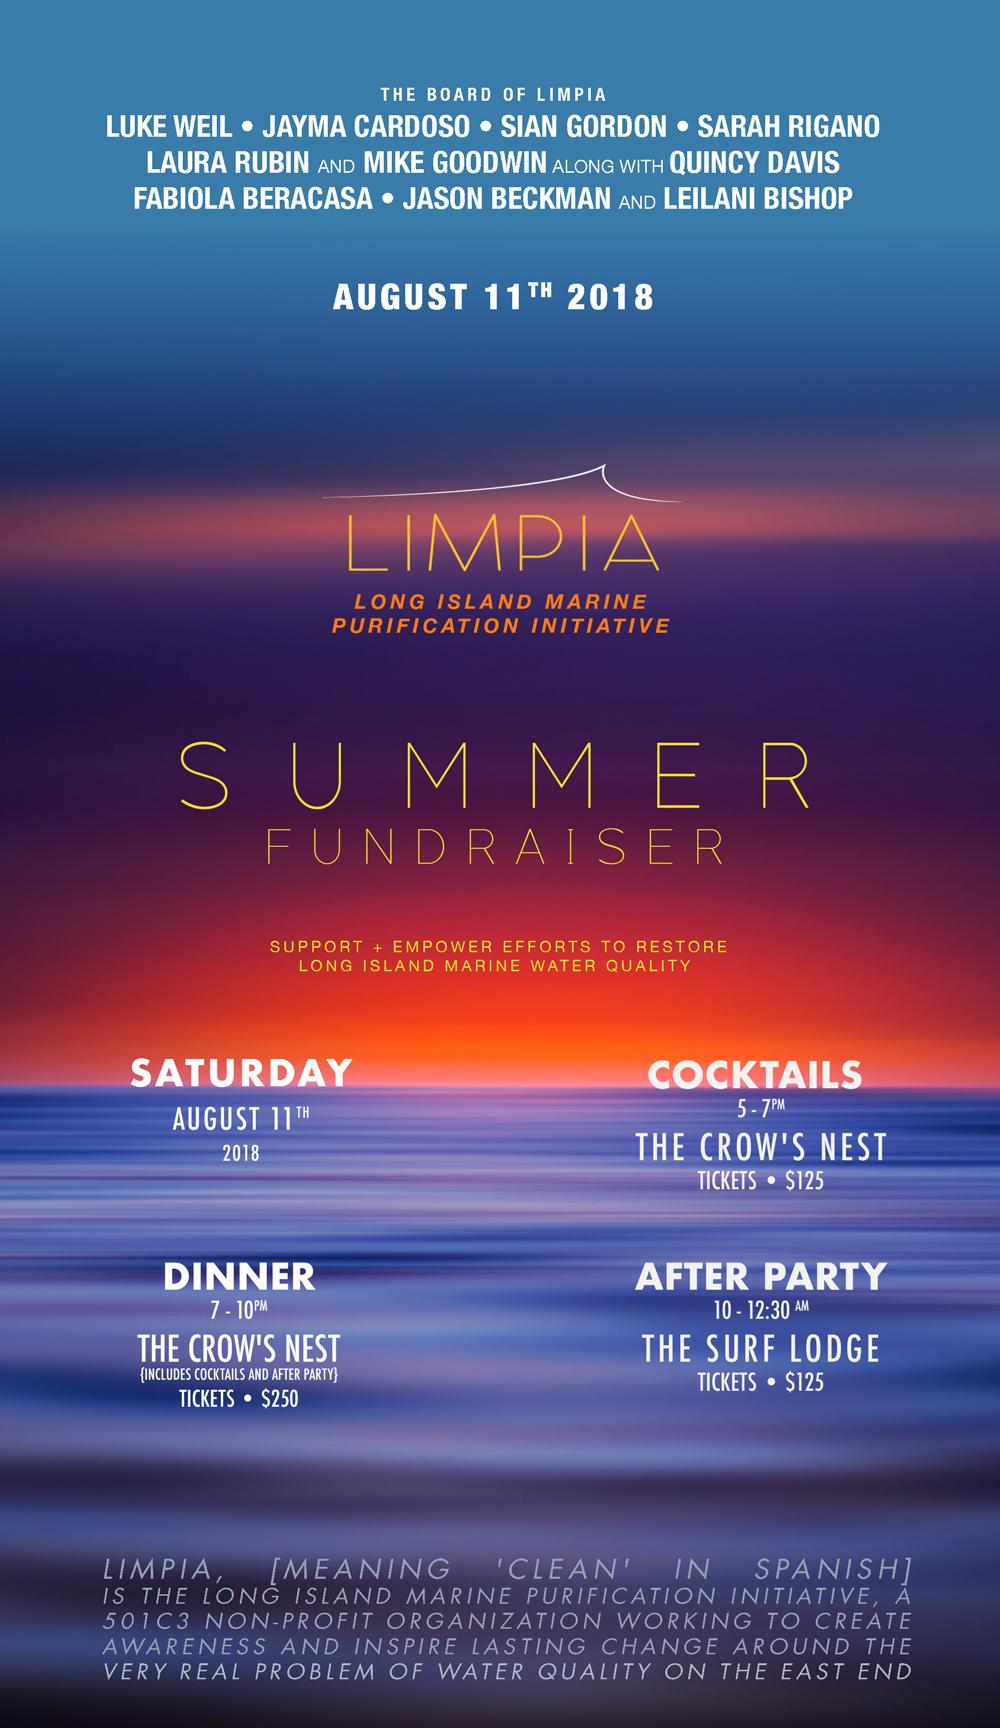 LIMPIA-invite-cc.jpg